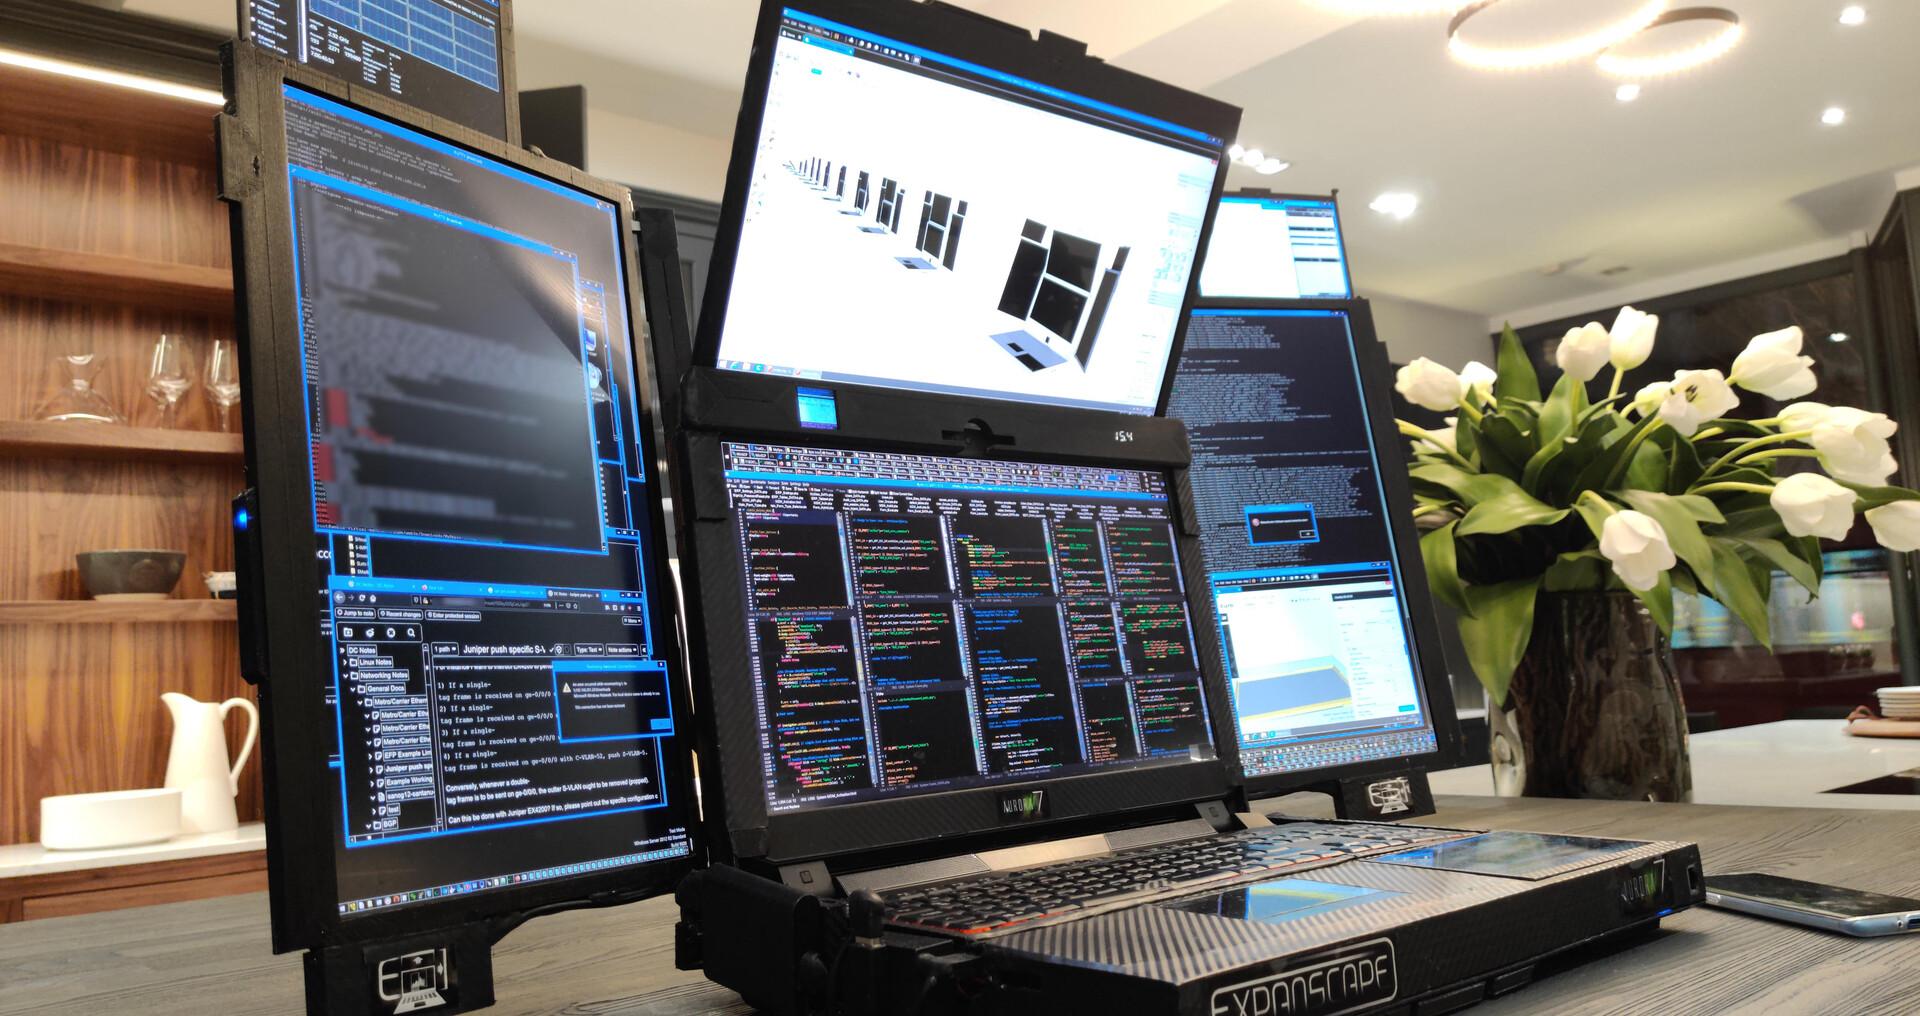 Voici le Expanscape Aurora7 , un monstre équipé de sept écrans dépliables et dont l'autonomie ne dépasse pas une heure